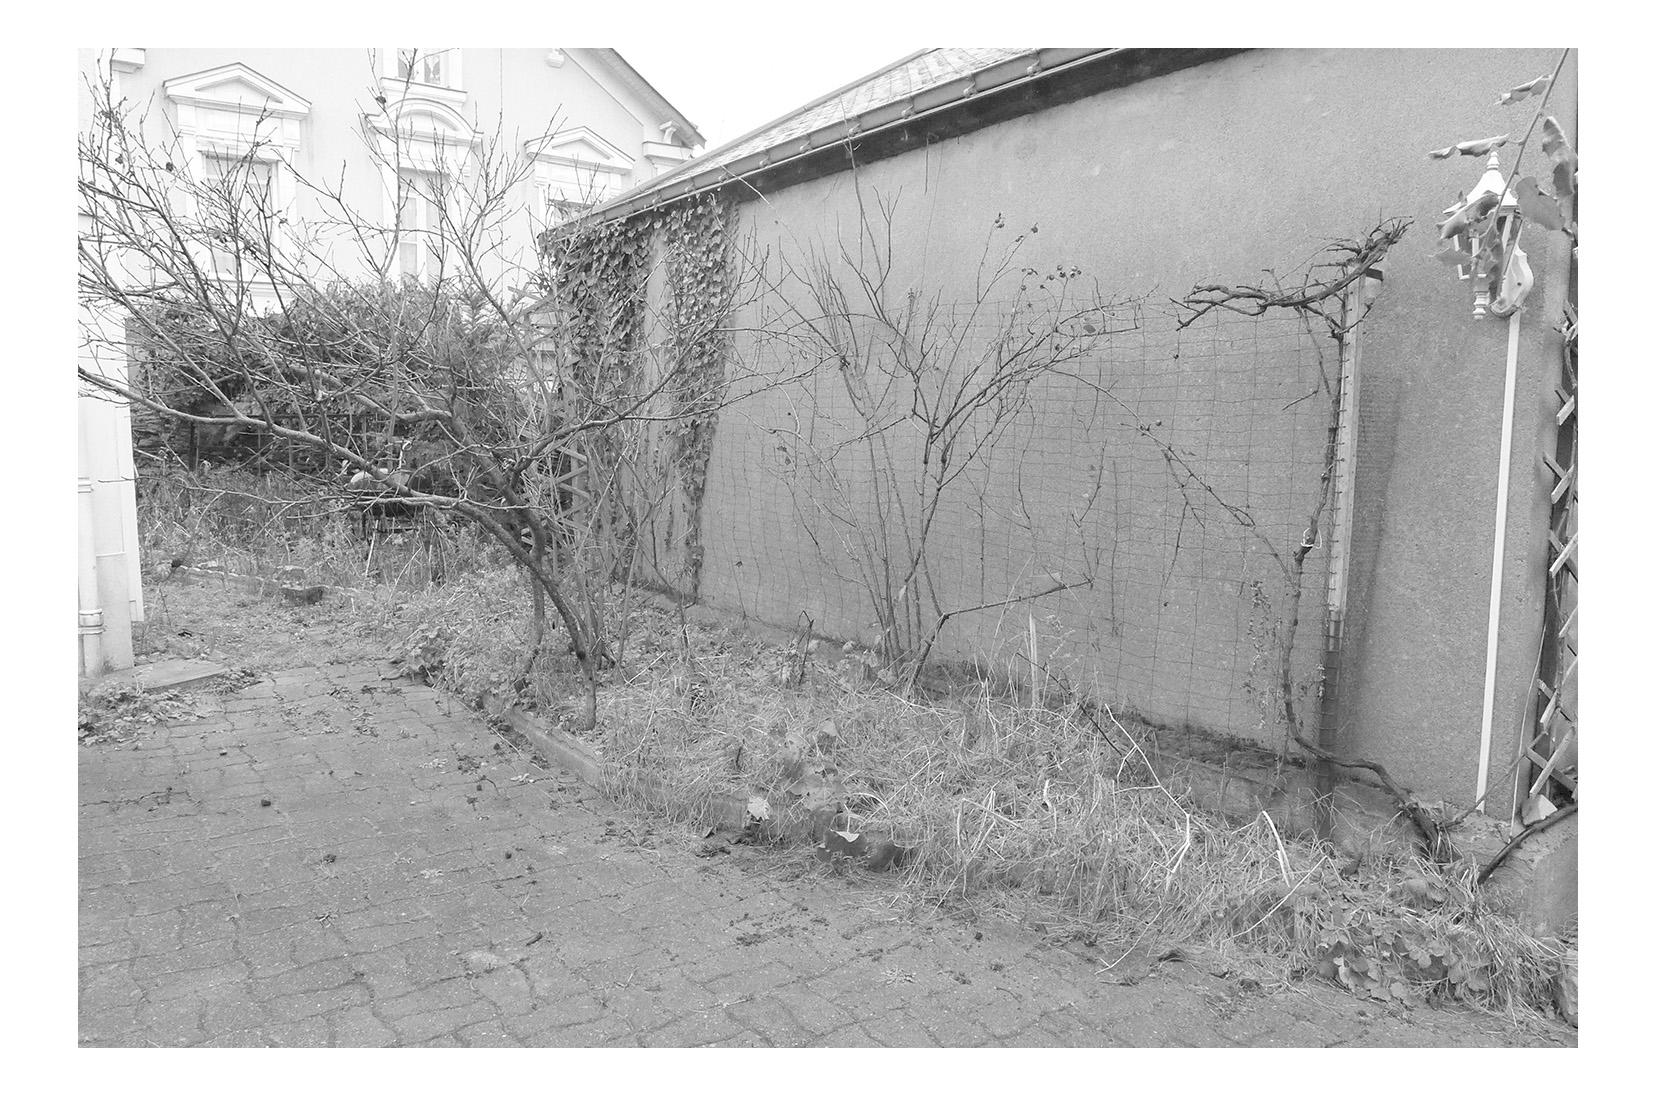 Projet de jardin paysager en centre ville d'Angers 49